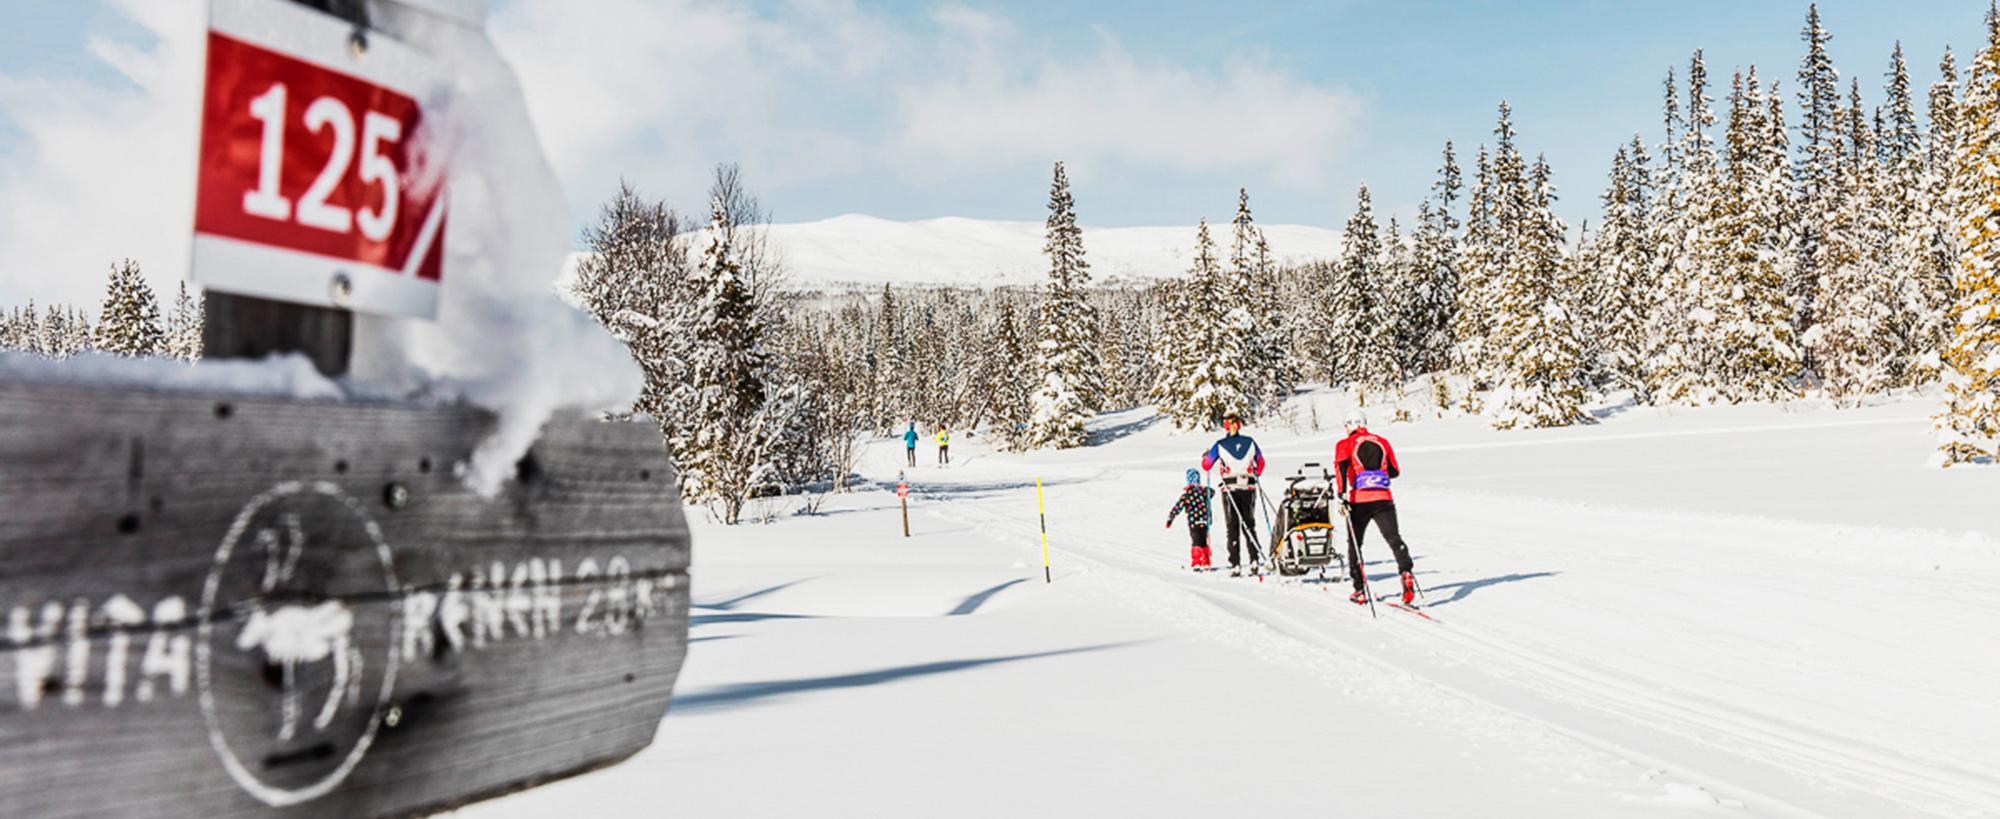 Att Skida Väfjällsrundan I Edsåsdalen är En Av Fjällupplevelserna I Världsklass I Södra Årefjällen.